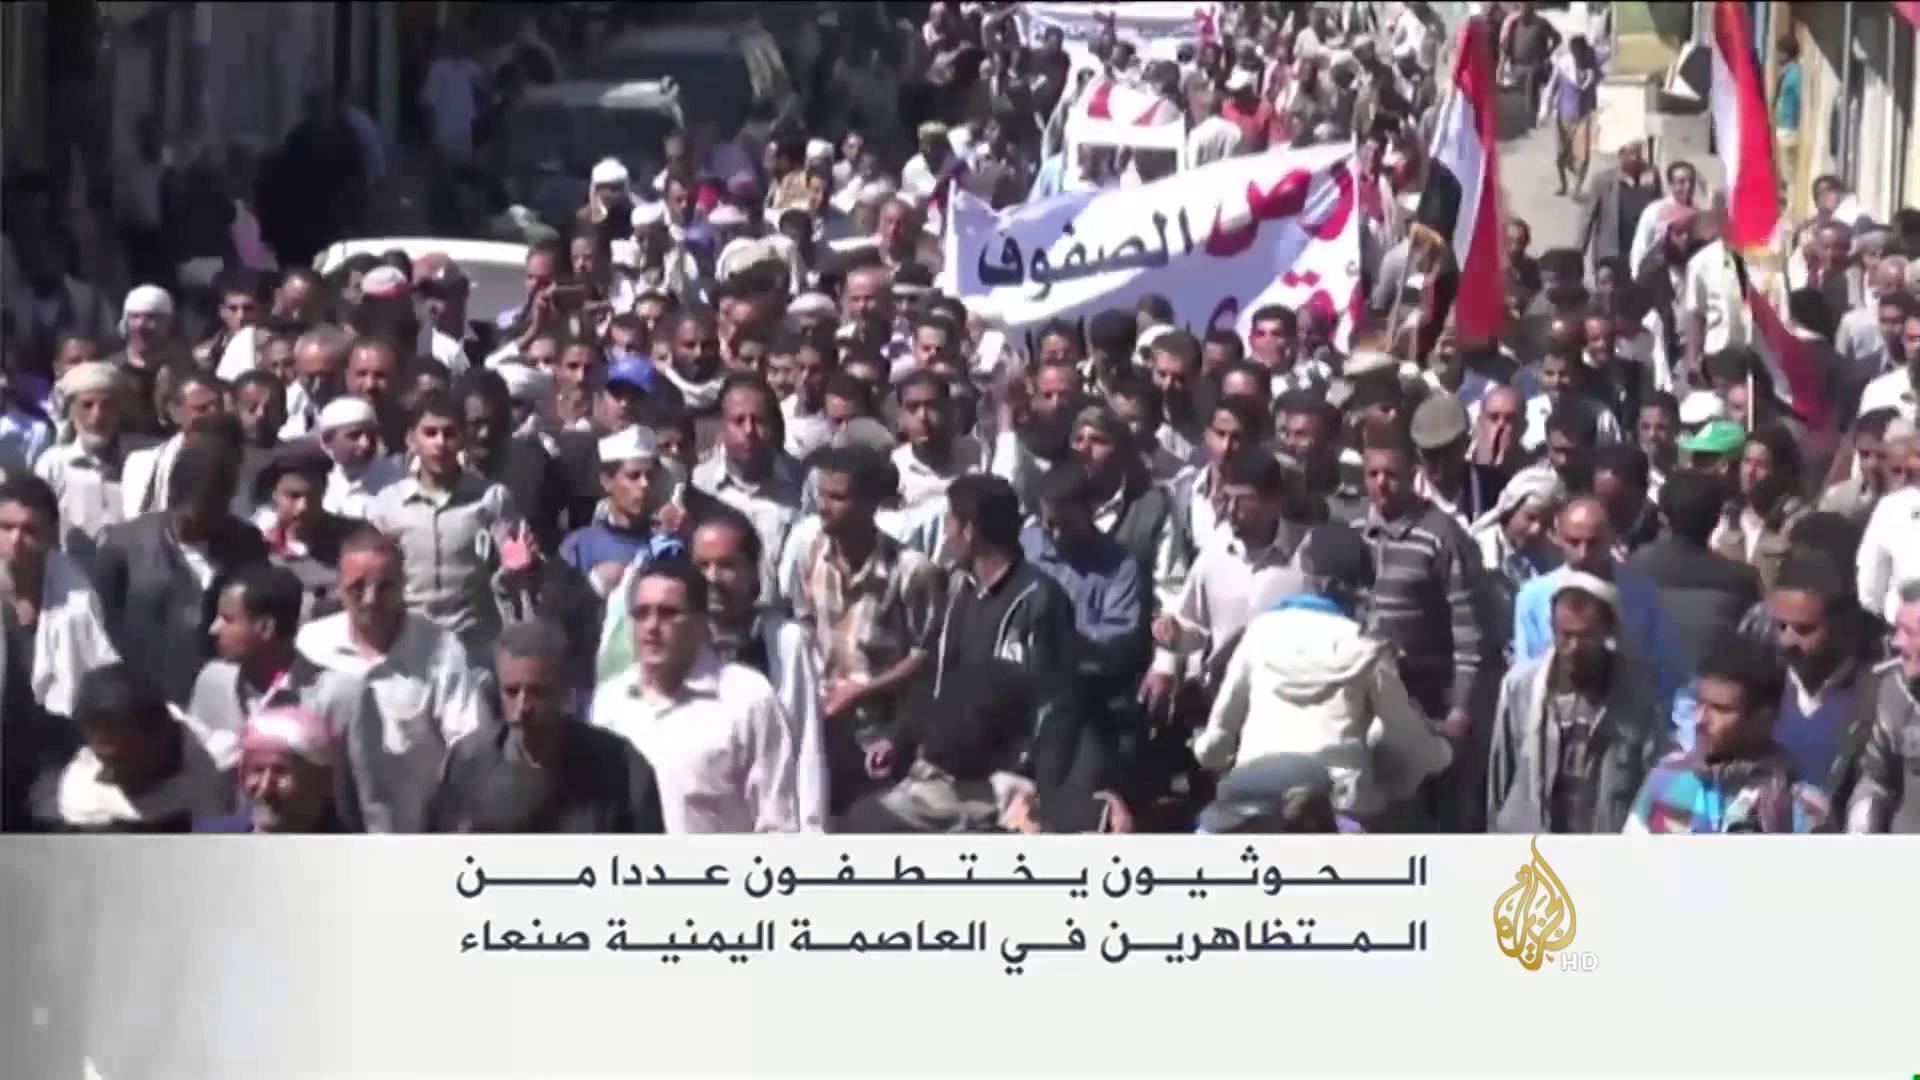 بالصور فيس بوك السعودية مظاهرات 20160701 332